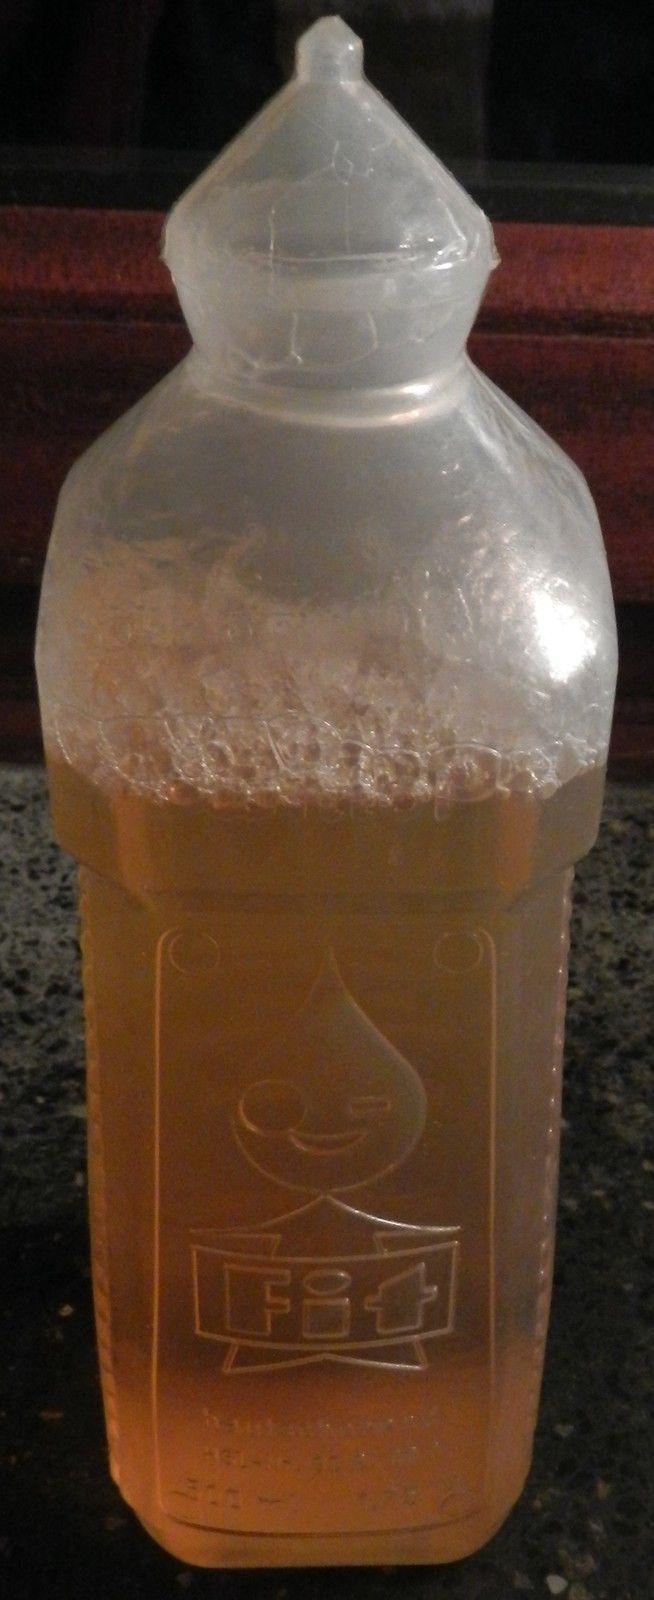 Fit DDR Geschirr Spühlmittel 500 ml in Originalflasche OSTALGIE Kult P23.1/15 | eBay